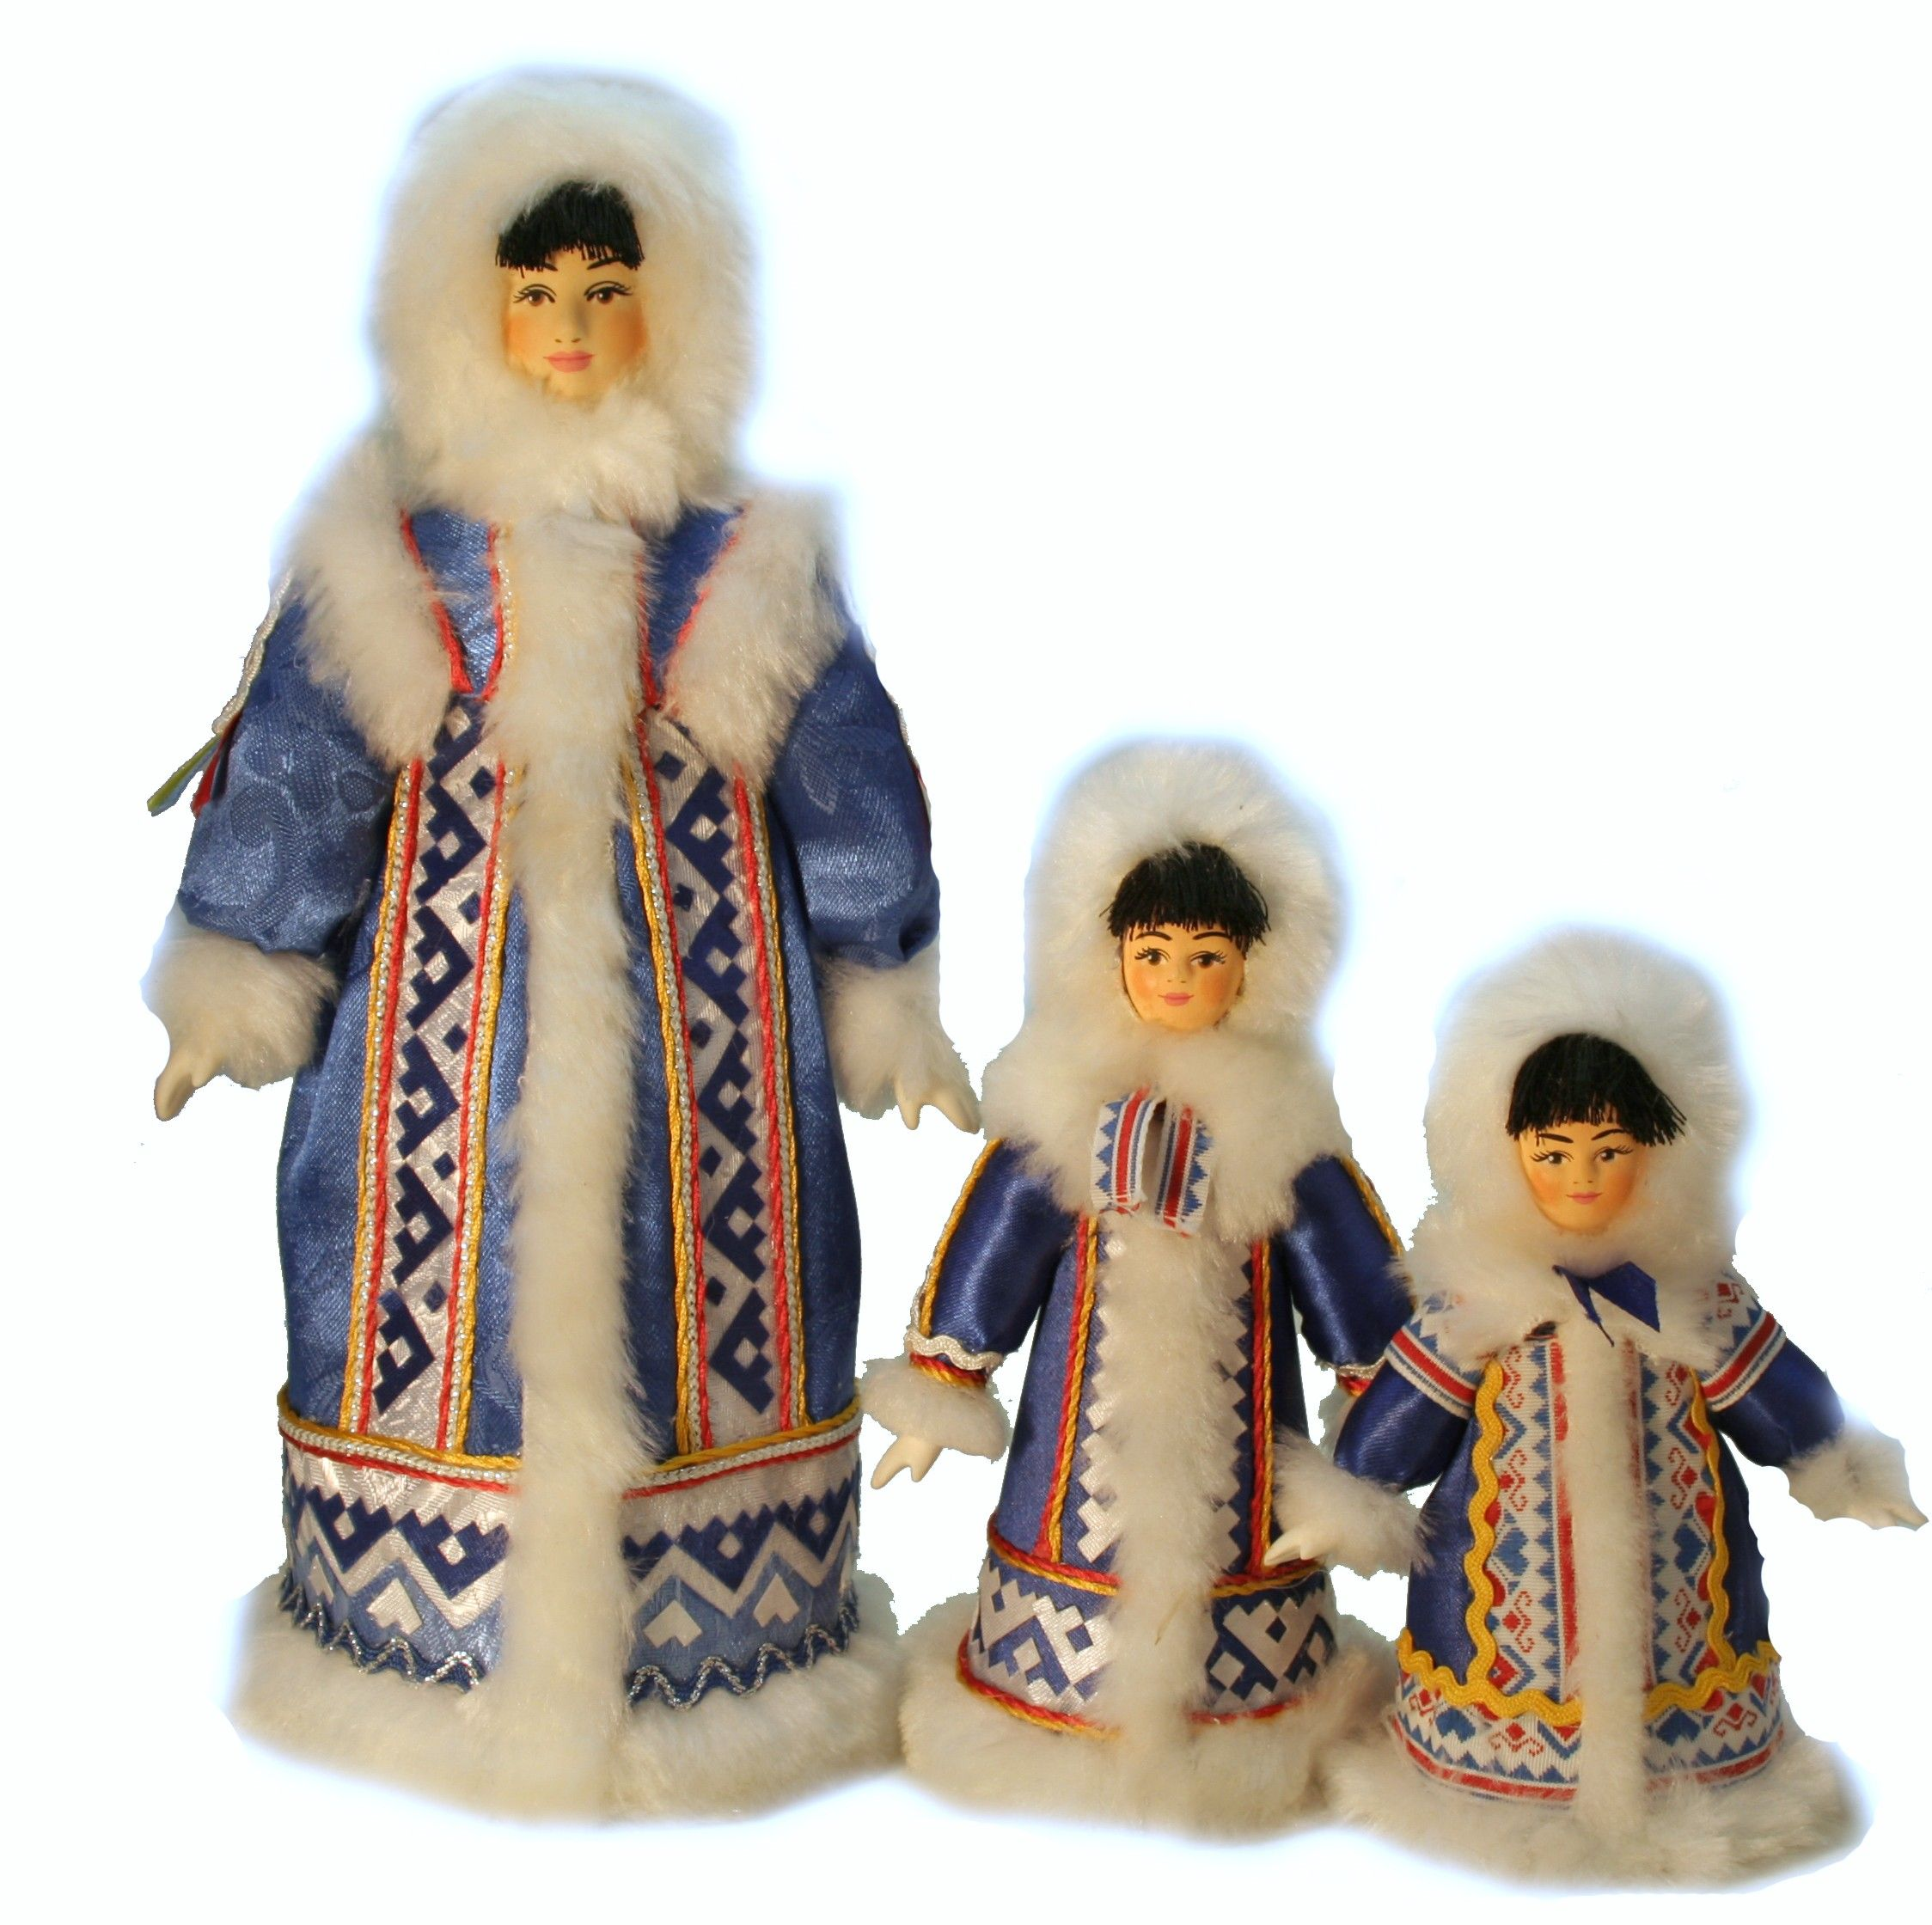 Ненецкий национальный костюм фото мужской и женский